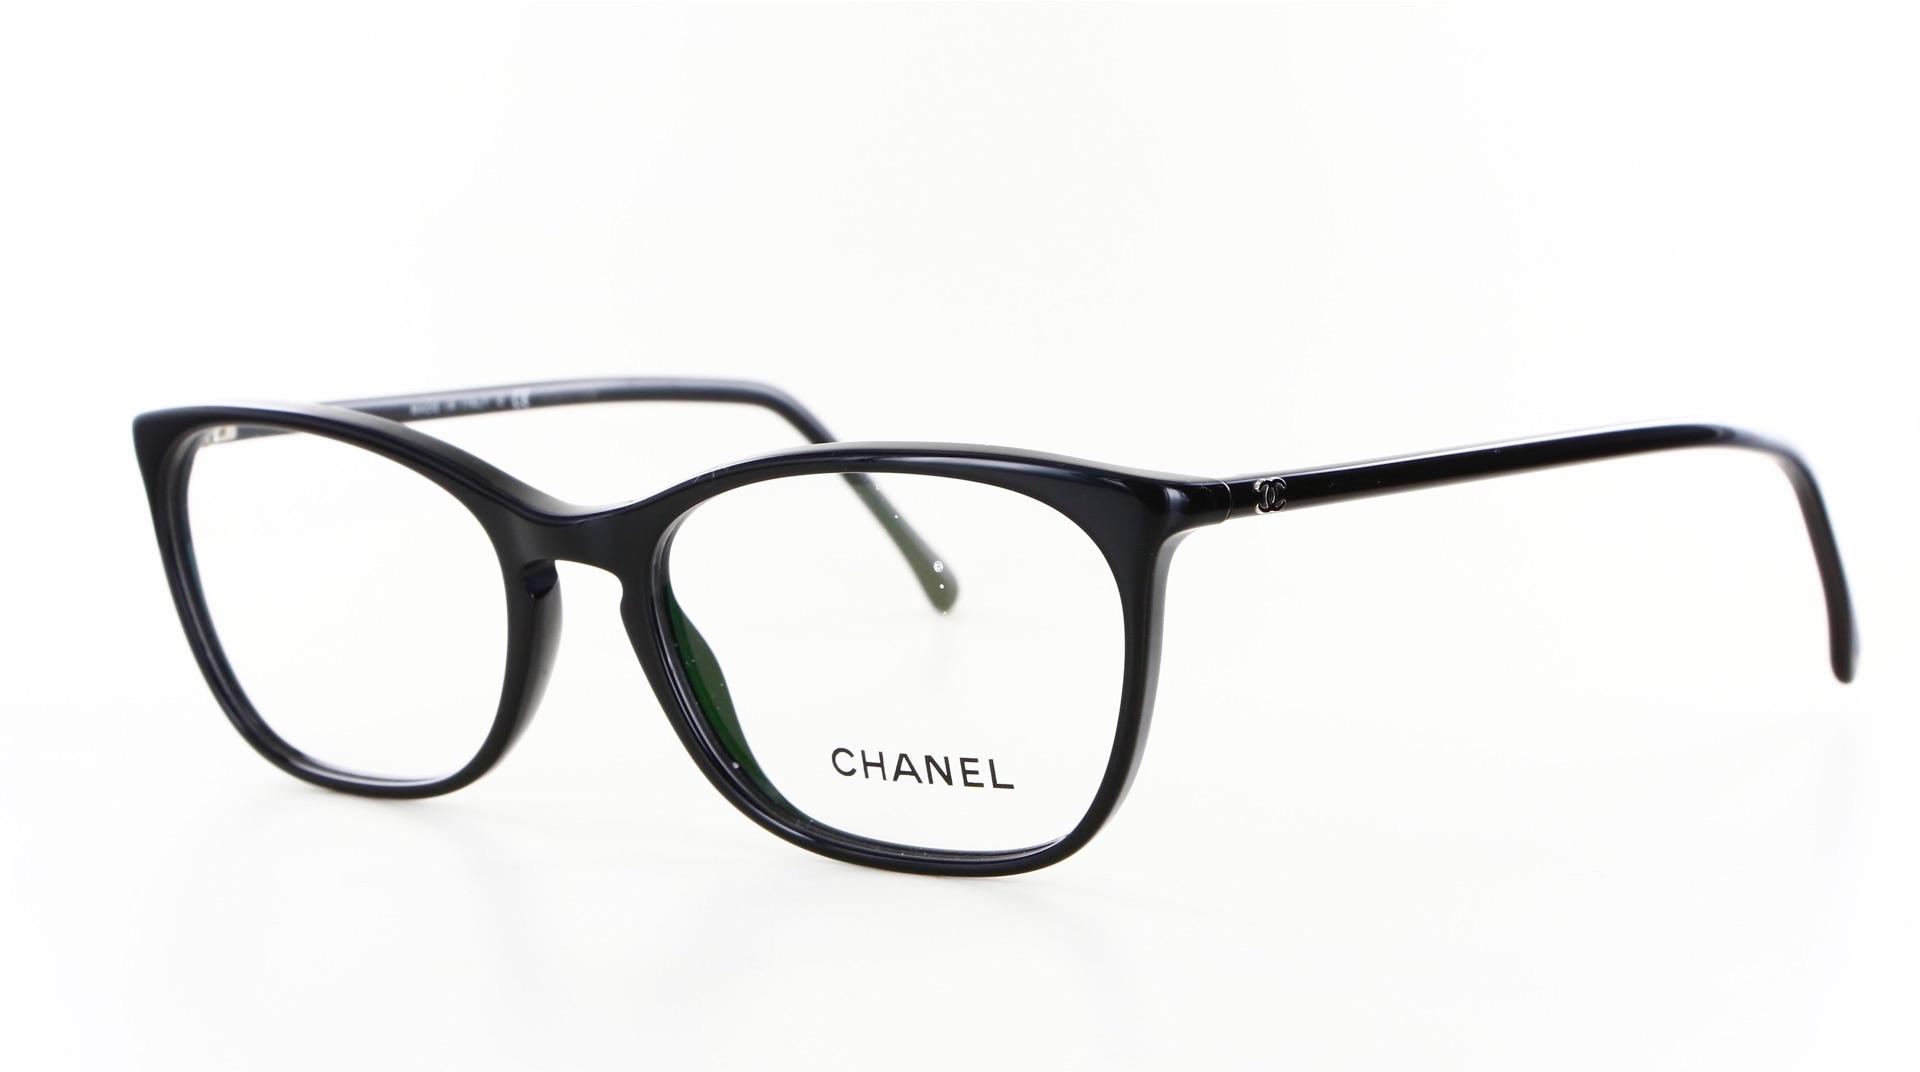 Chanel - ref: 69931